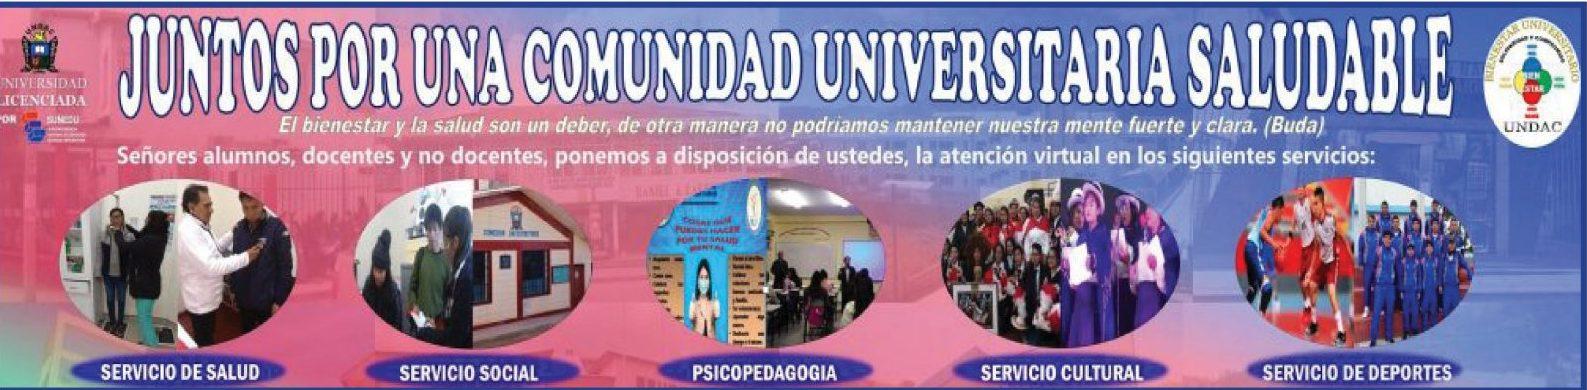 LA UNDAC PROMUEVE EL BIENESTAR FÍSICO Y MENTAL DE LA COMUNIDAD UNIVERSITARIA